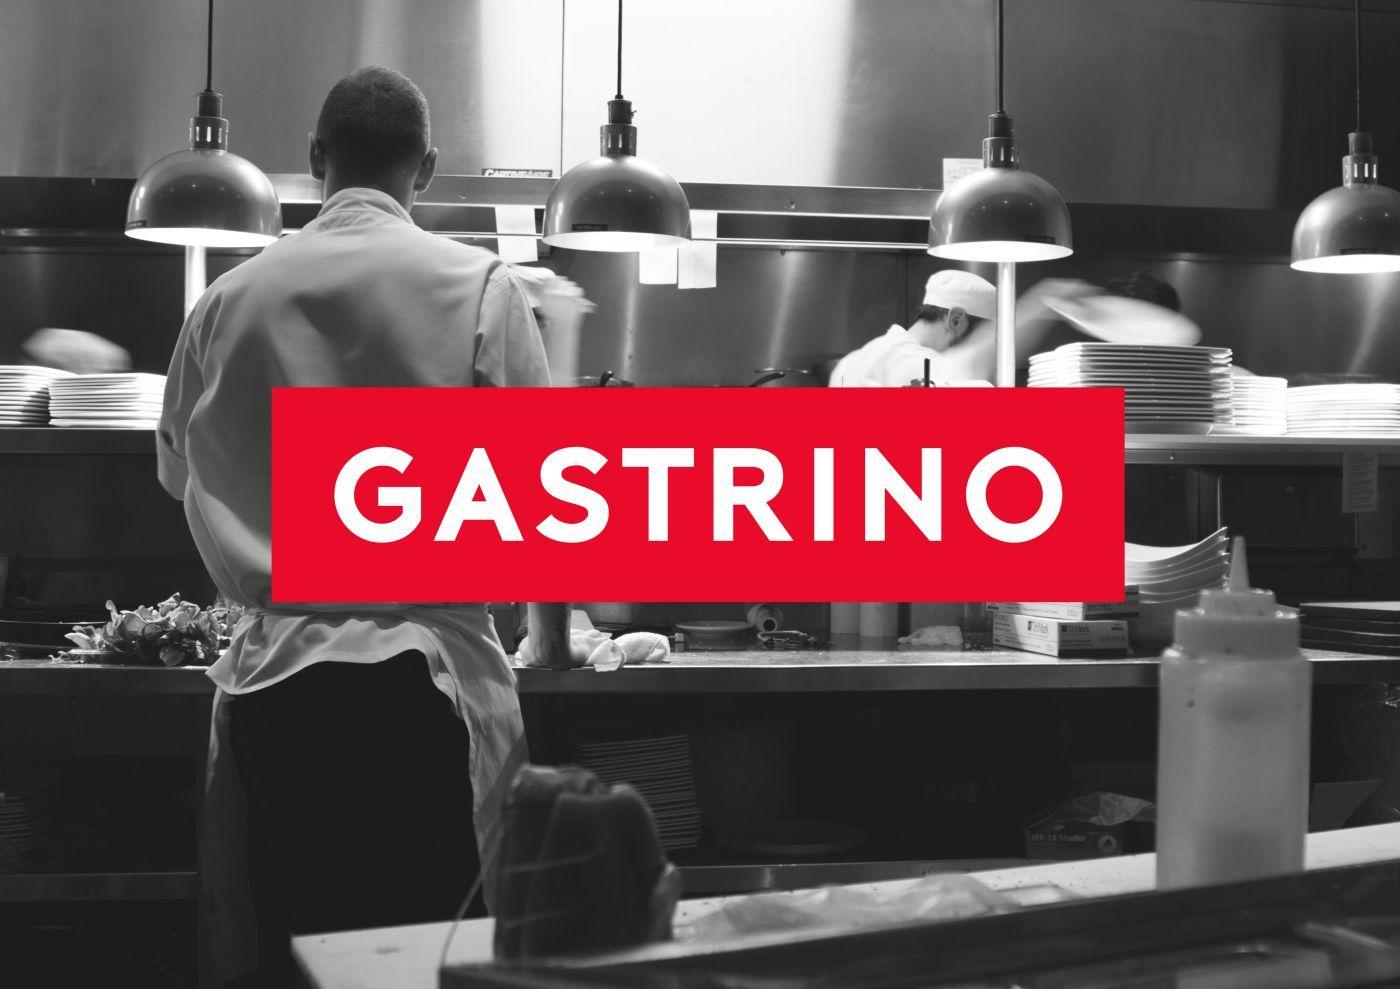 Gastrino – nytt eget varumärke för storkök